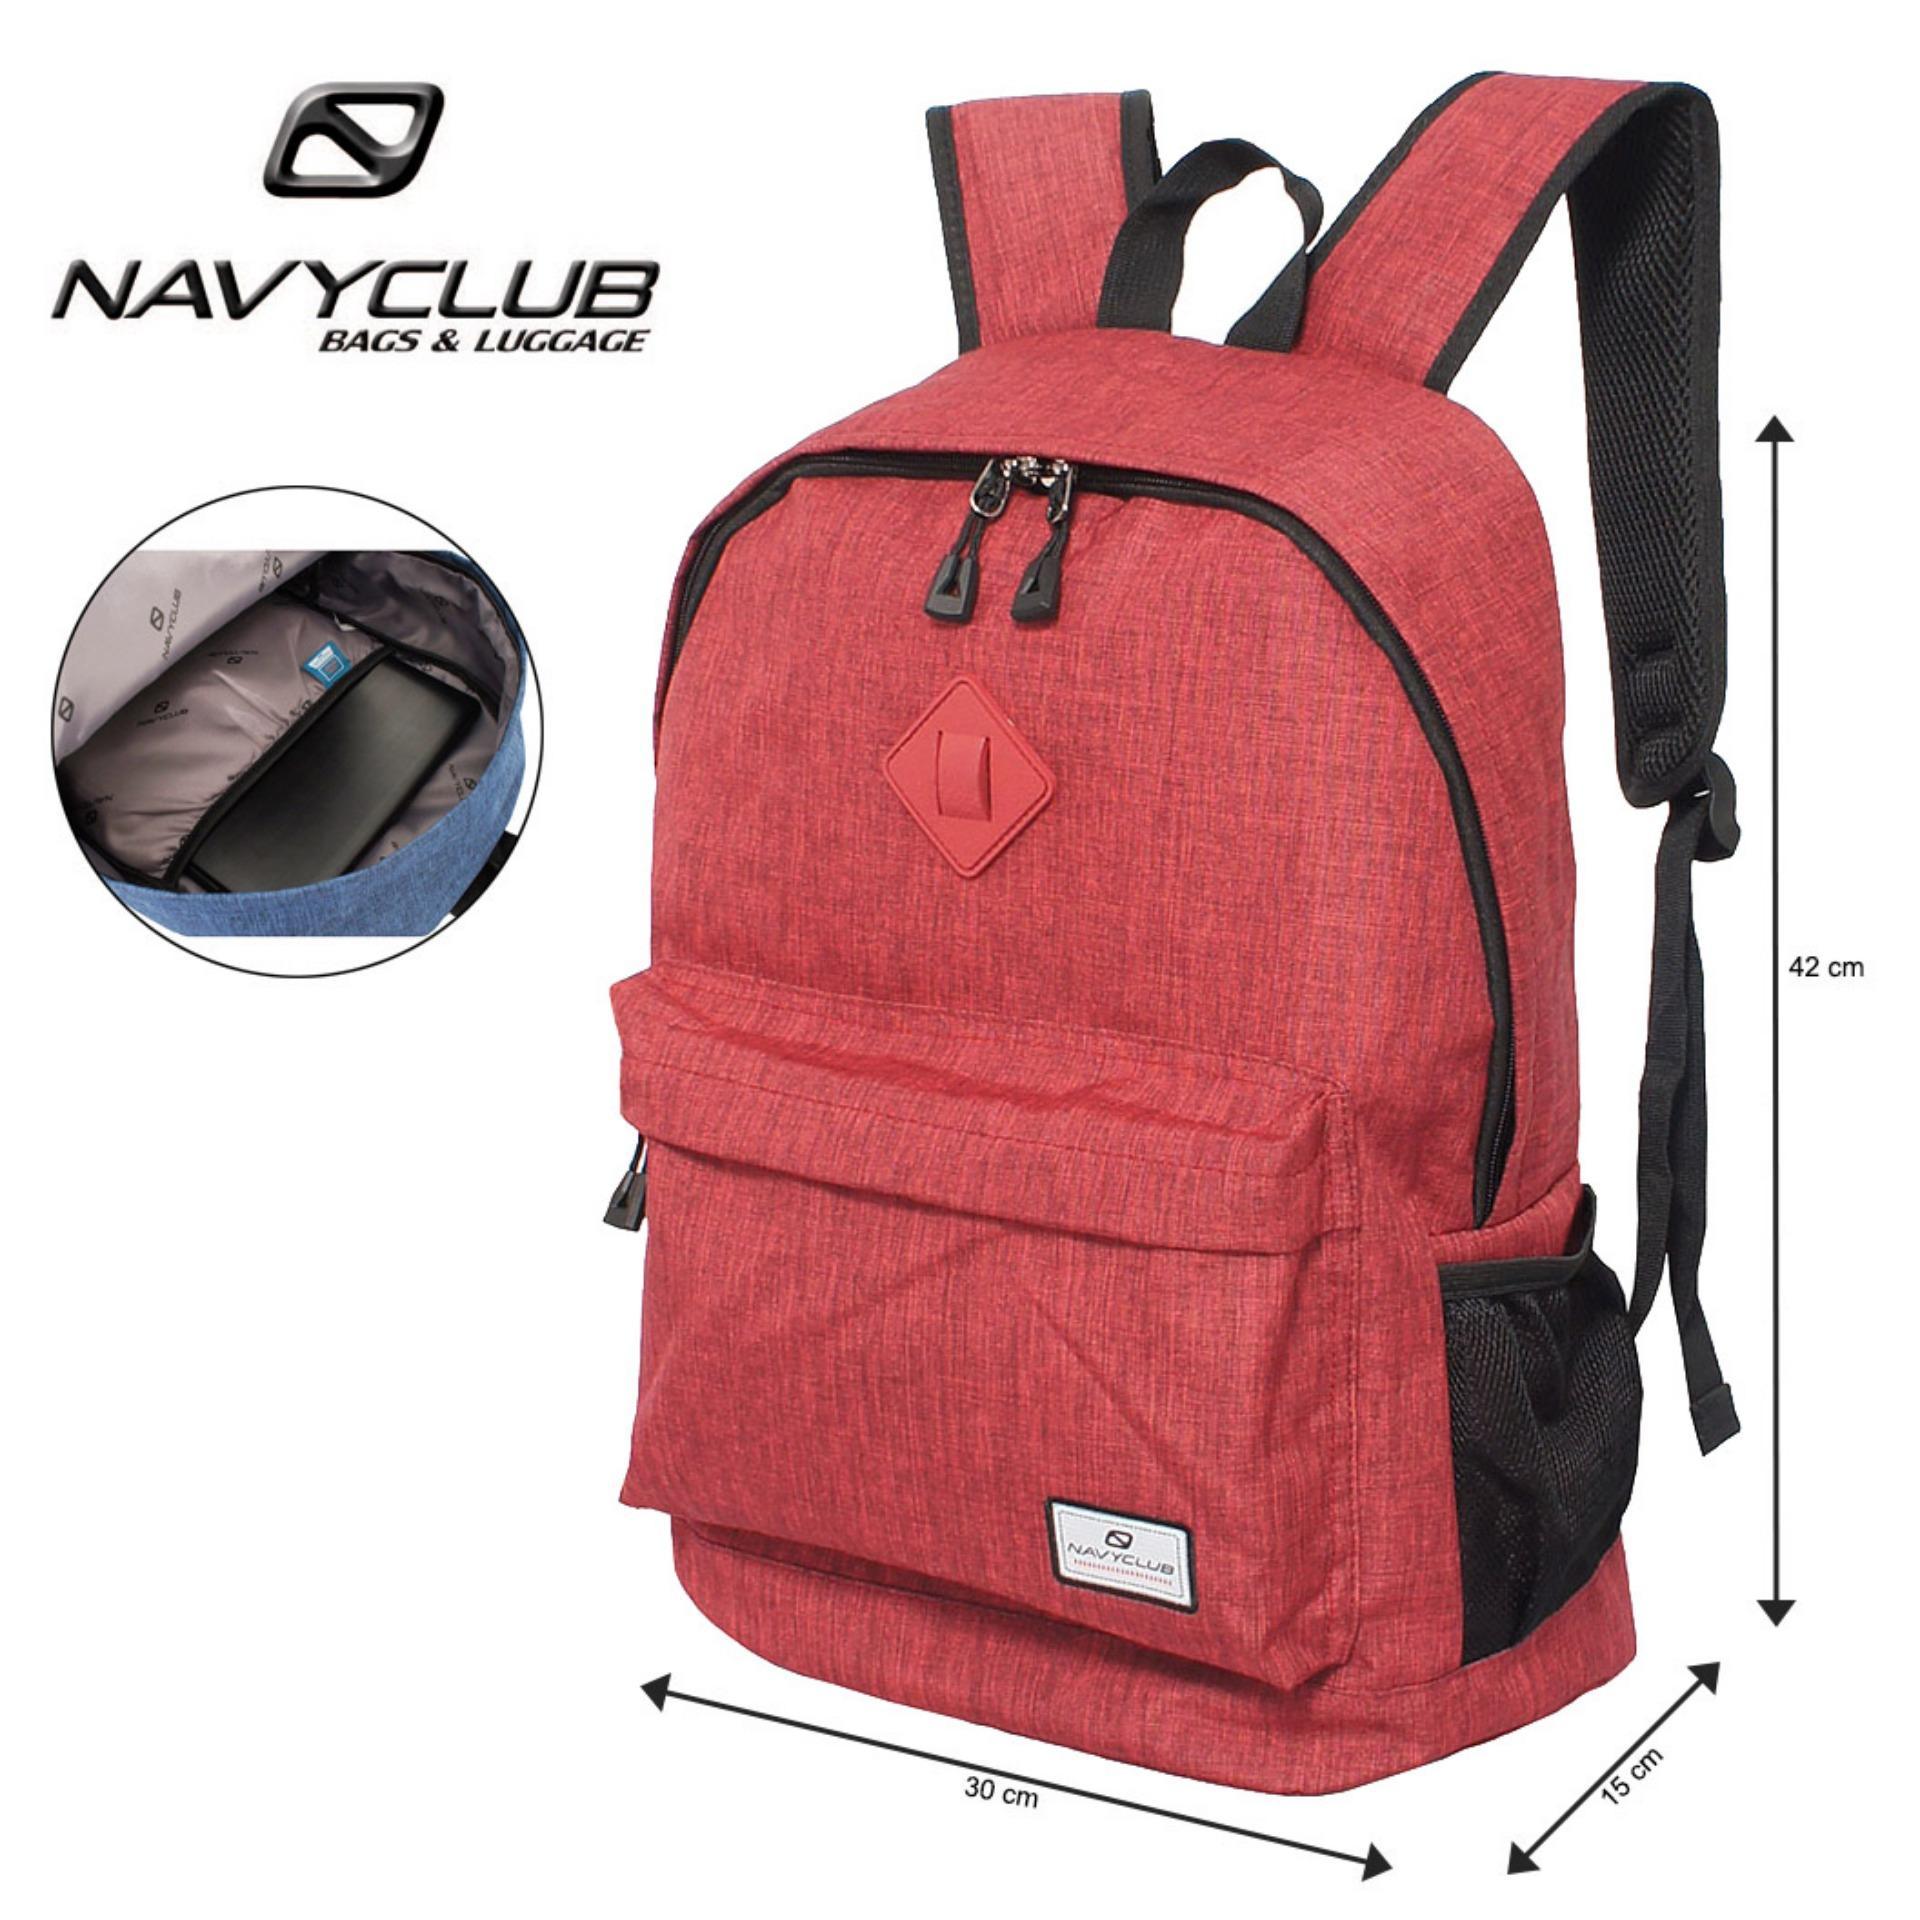 Navy Club Tas Ransel Laptop Kasual - Tas Pria Tas Wanita Tas Laptop Trendy EIBB Backpack Up to 14 inch Daypaack - Merah